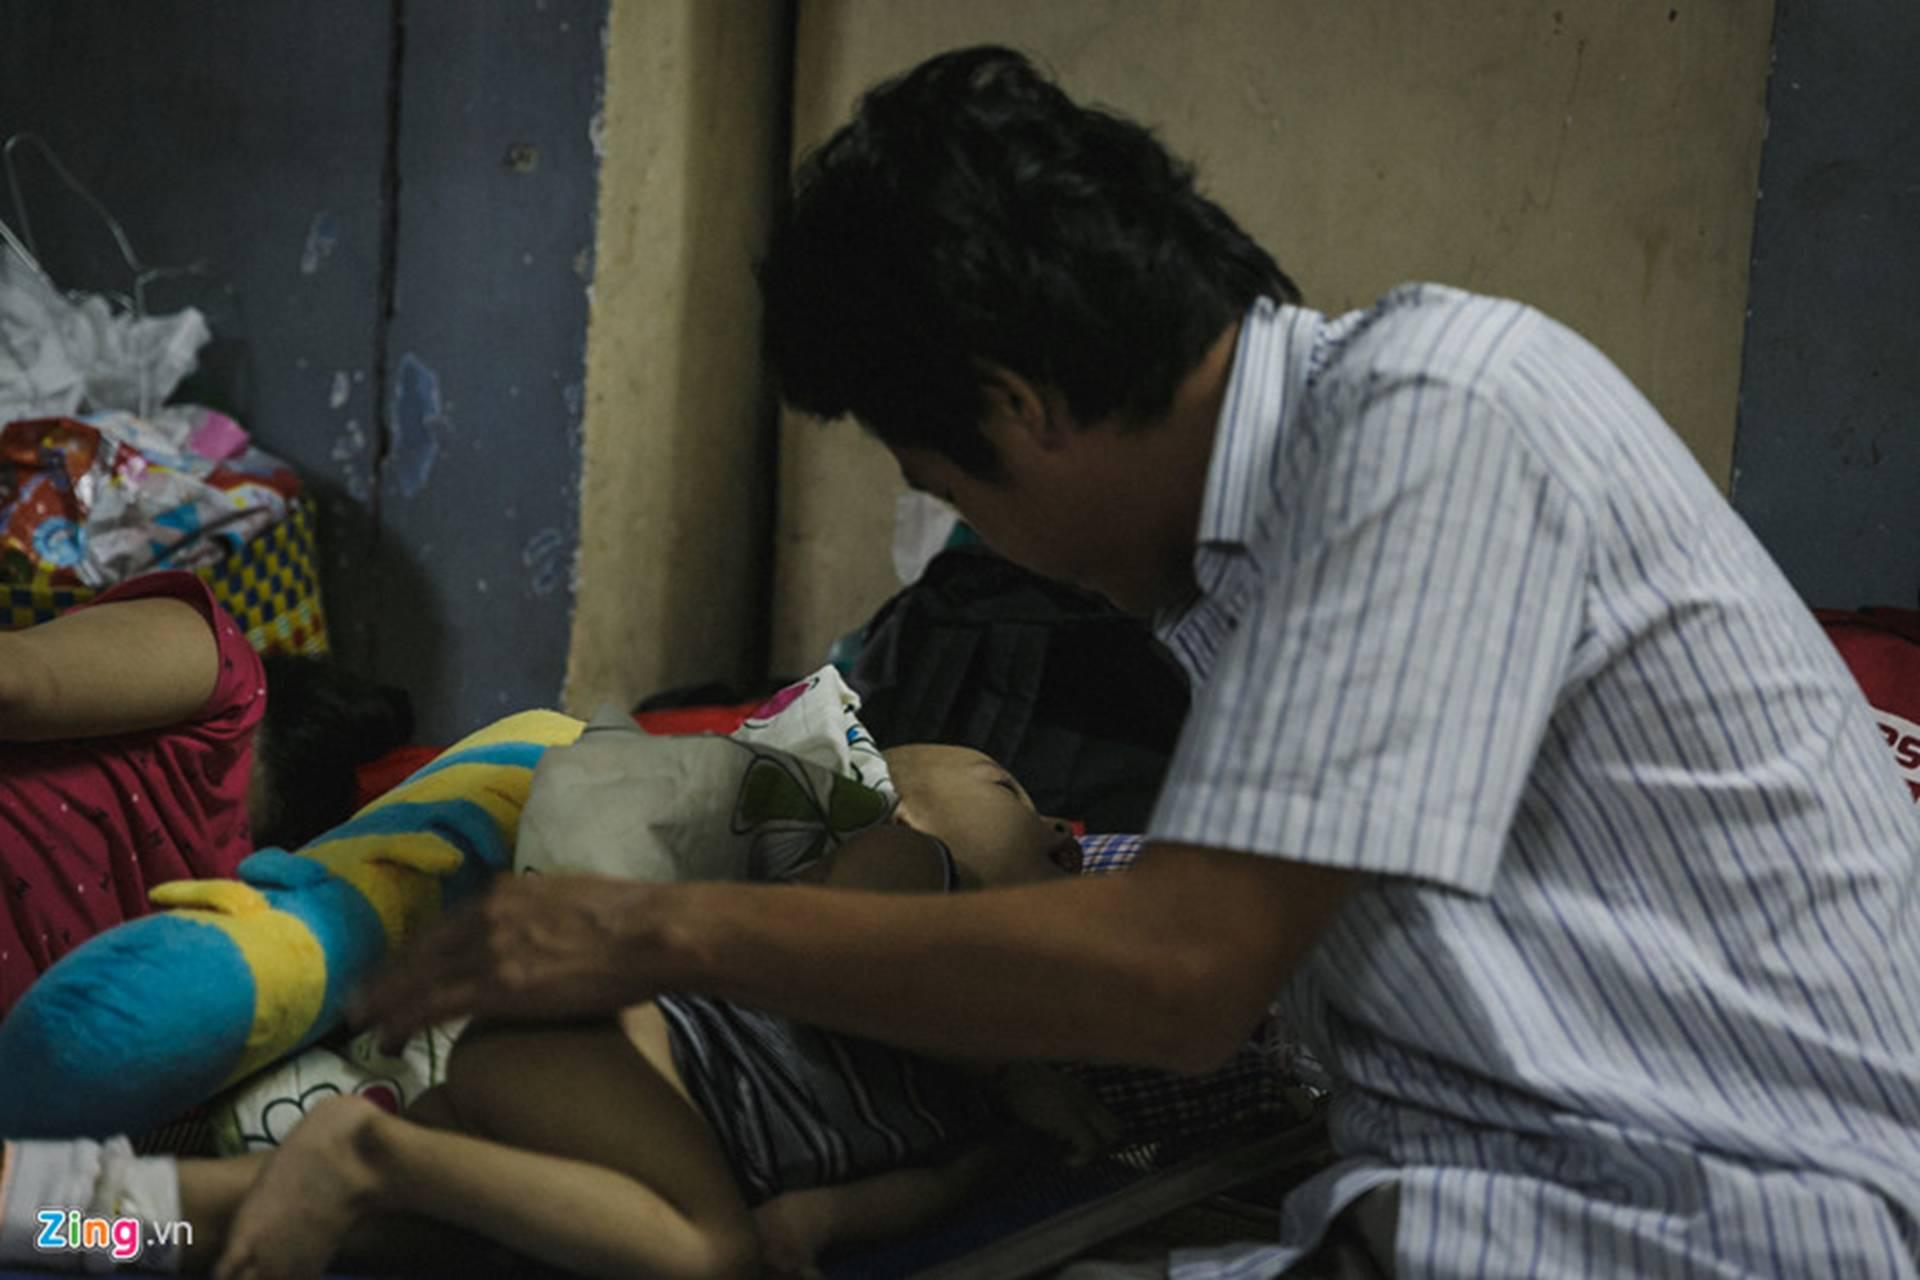 Bệnh viện Nhi ở Sài Gòn vỡ trận vì dịch chồng dịch-35